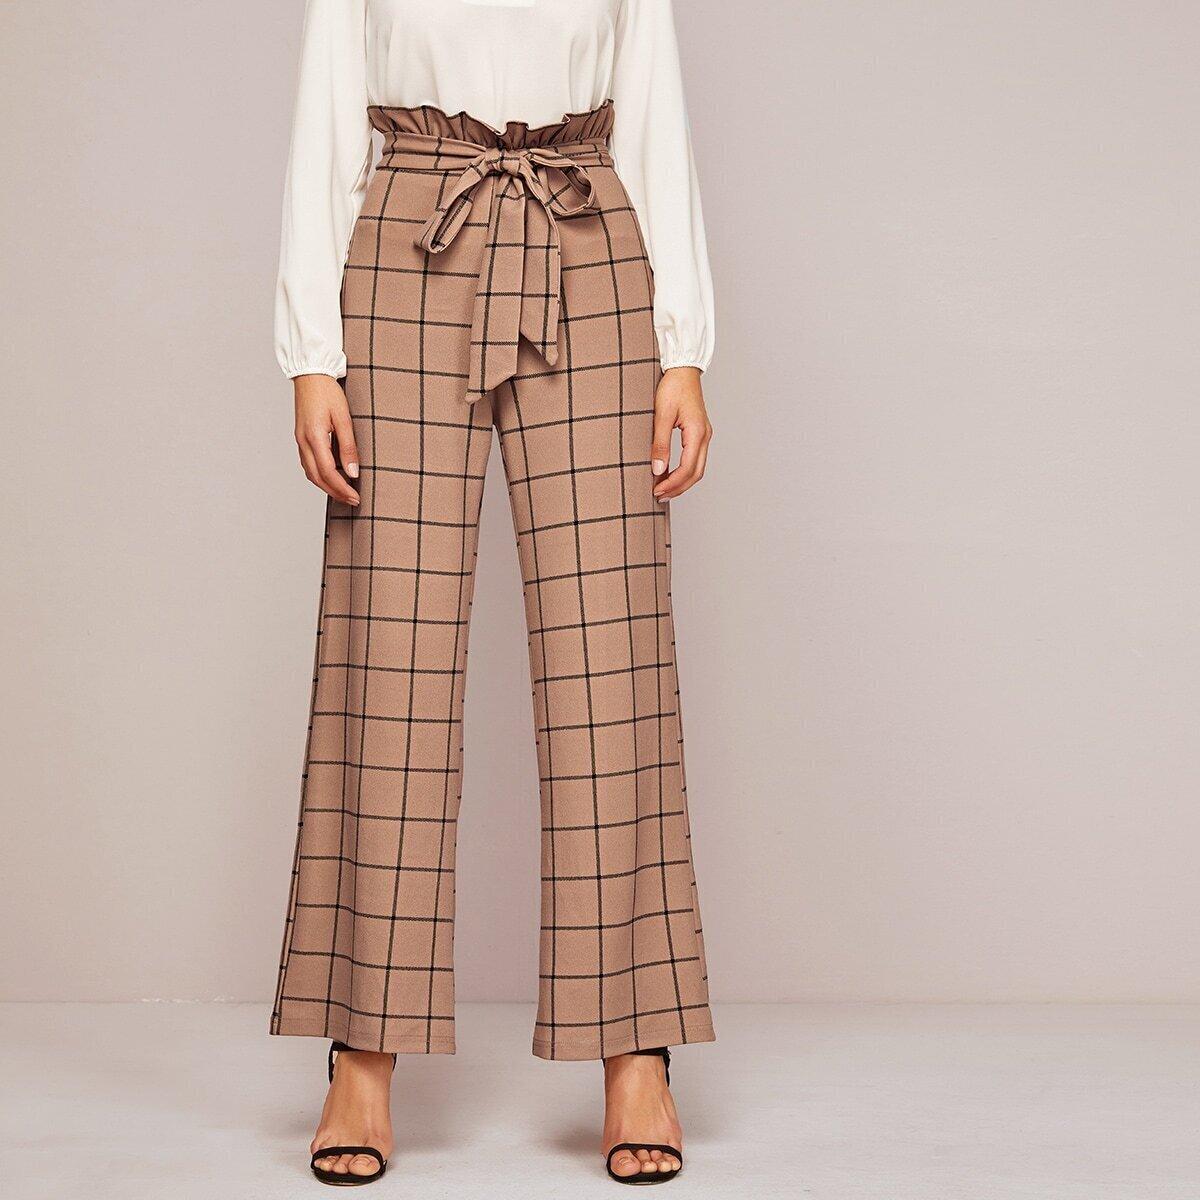 SHEIN / Pantalones anchos de cuadros con cinturón de cintura con volante